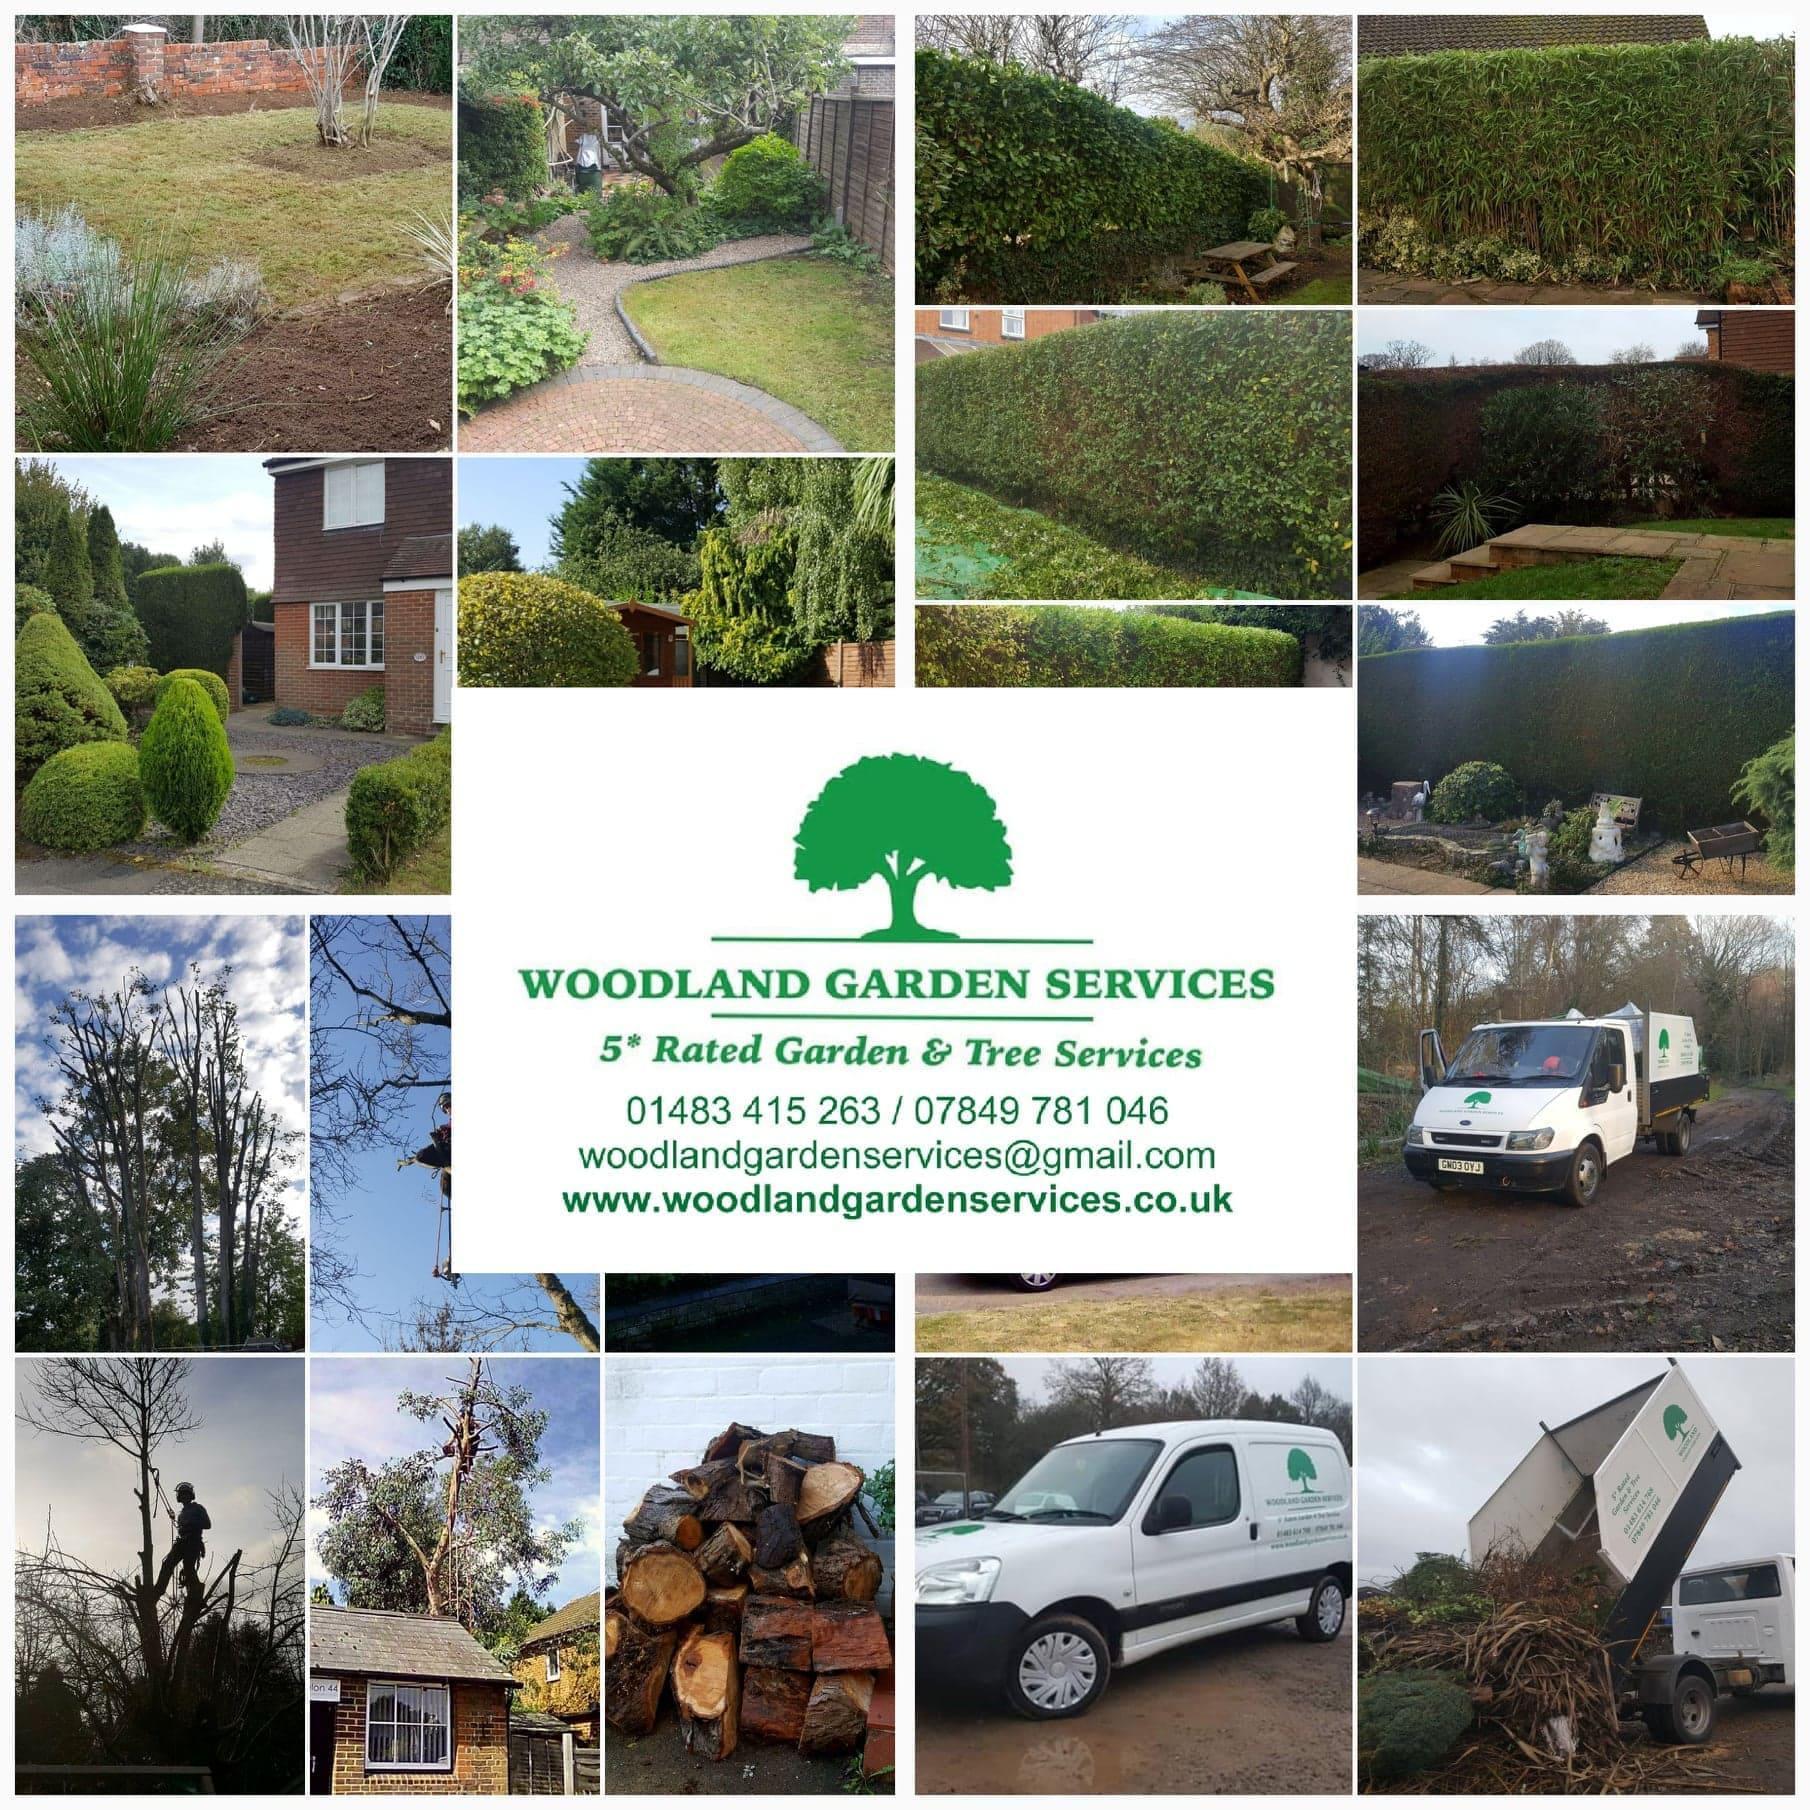 Woodland Garden Services